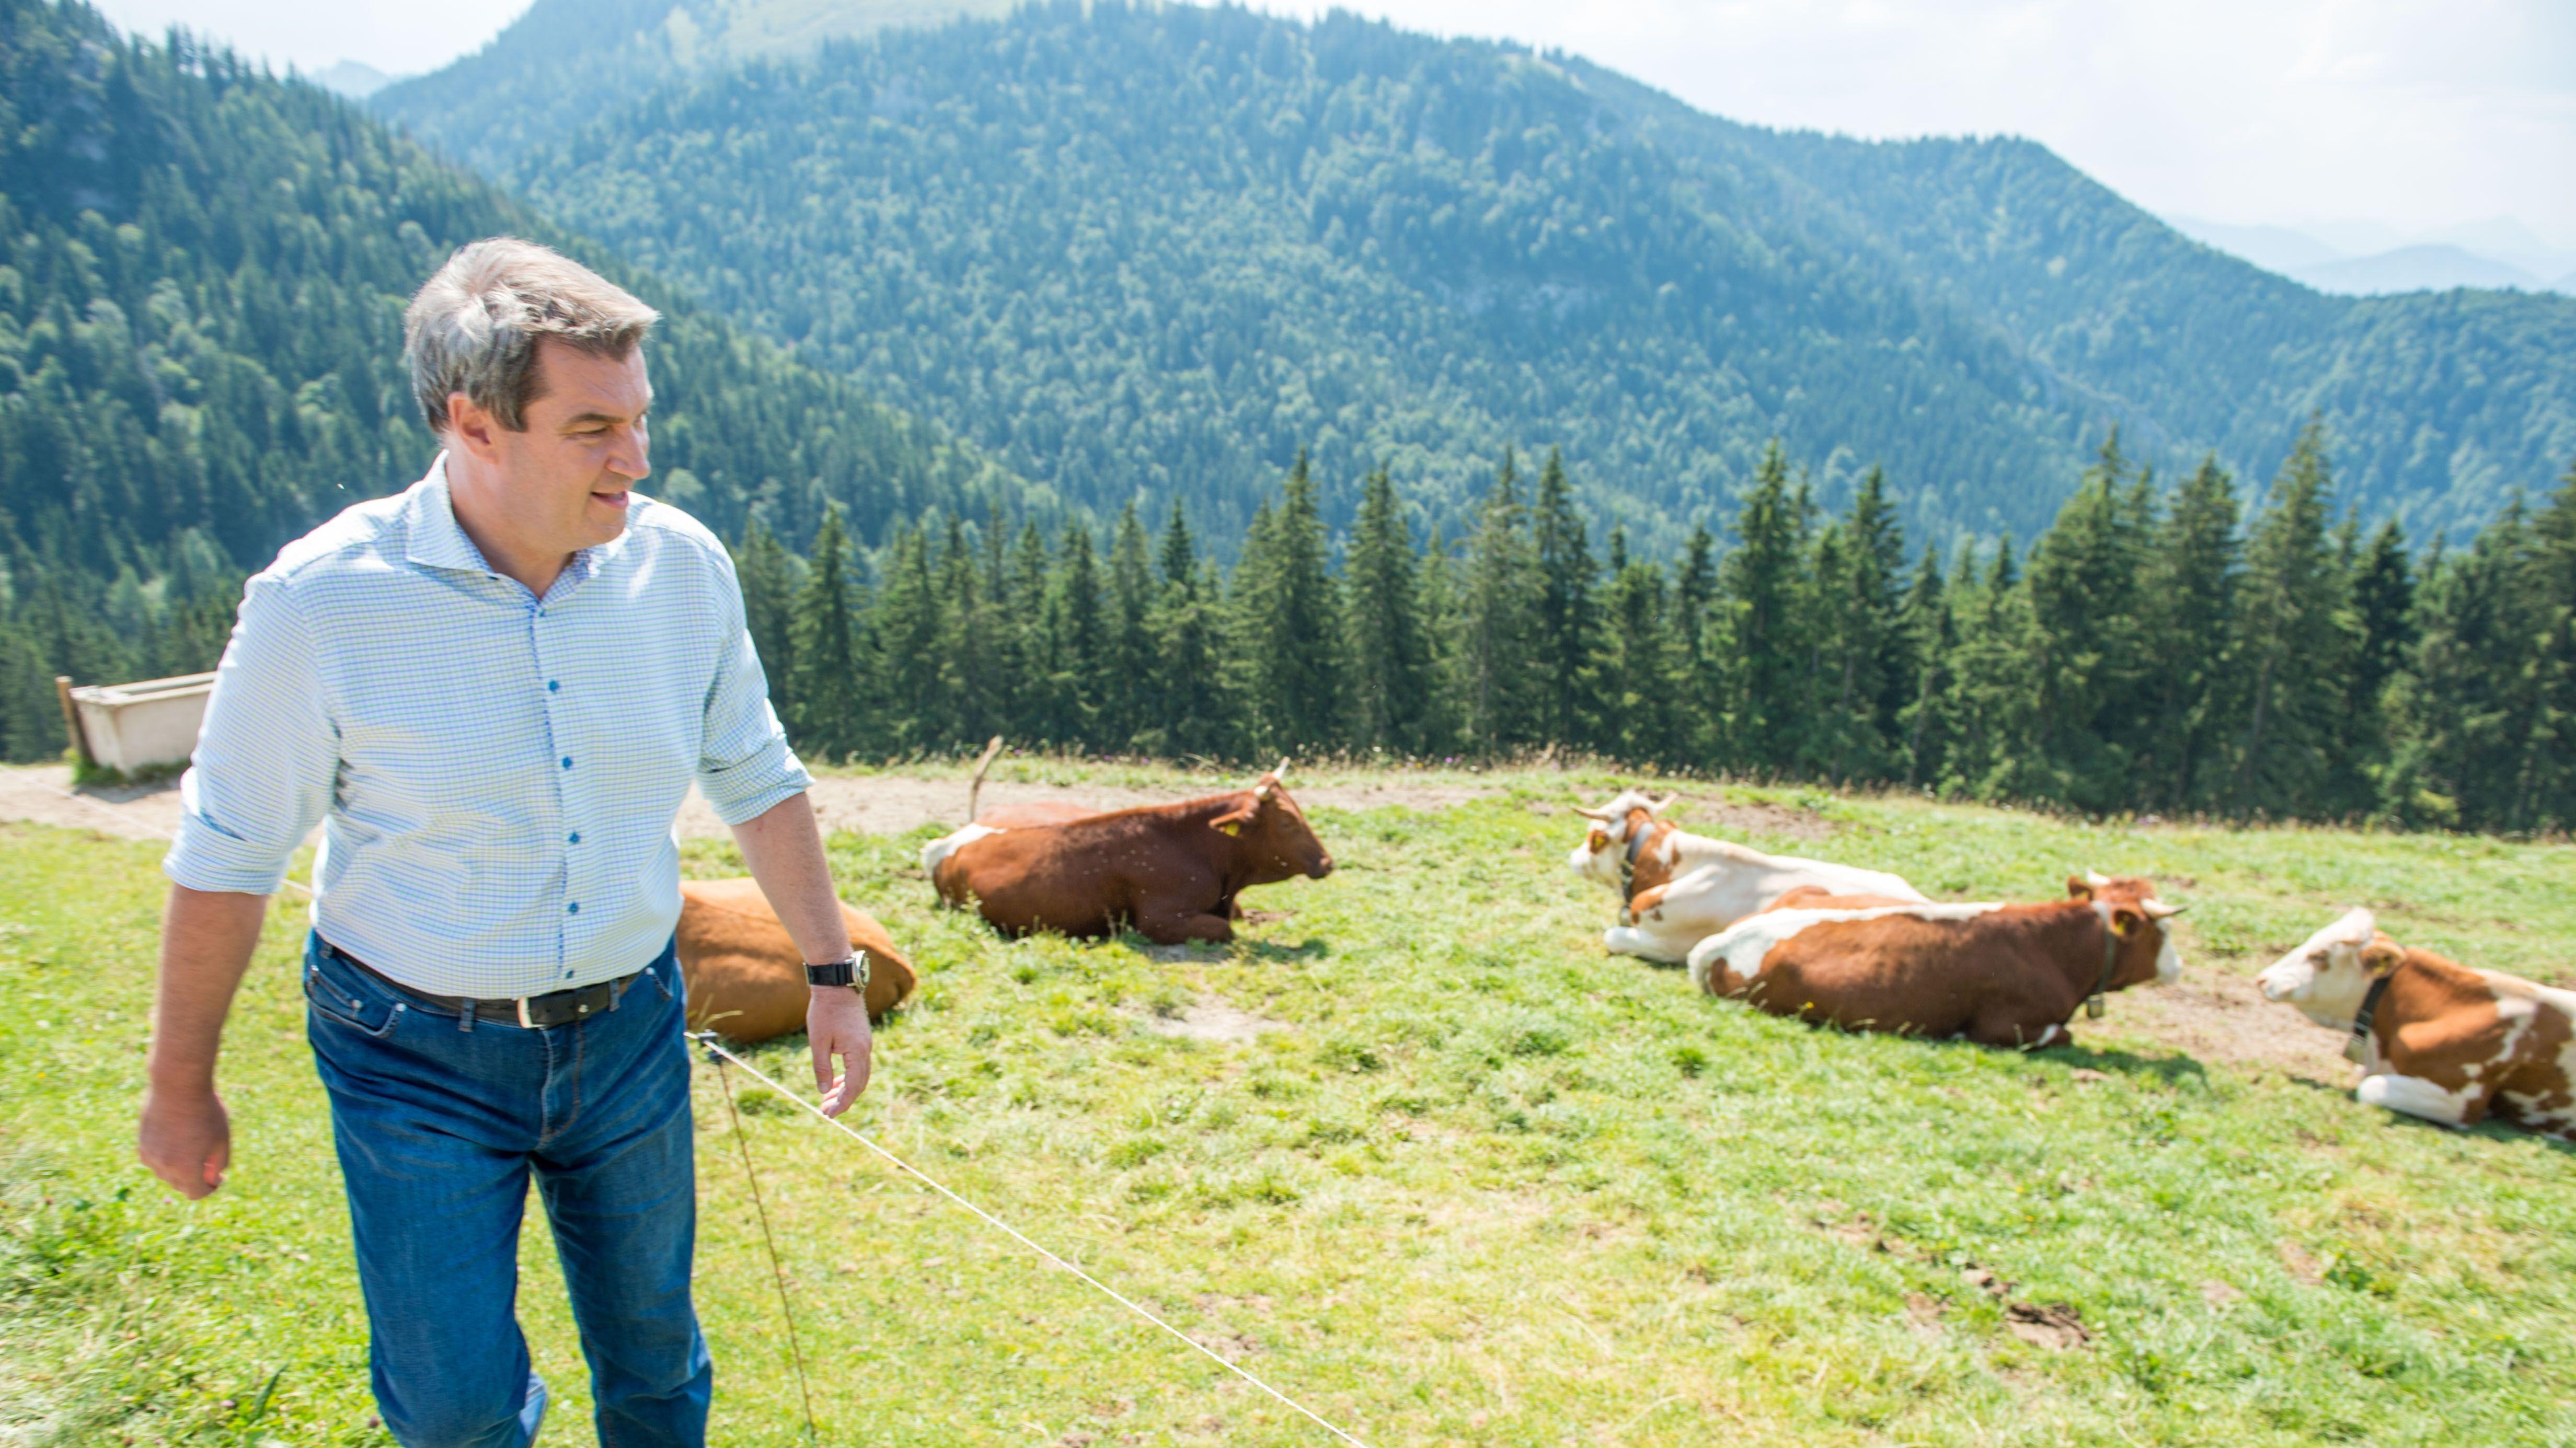 Söder fordert Fleischerzeugung nach bayerischem Vorbild